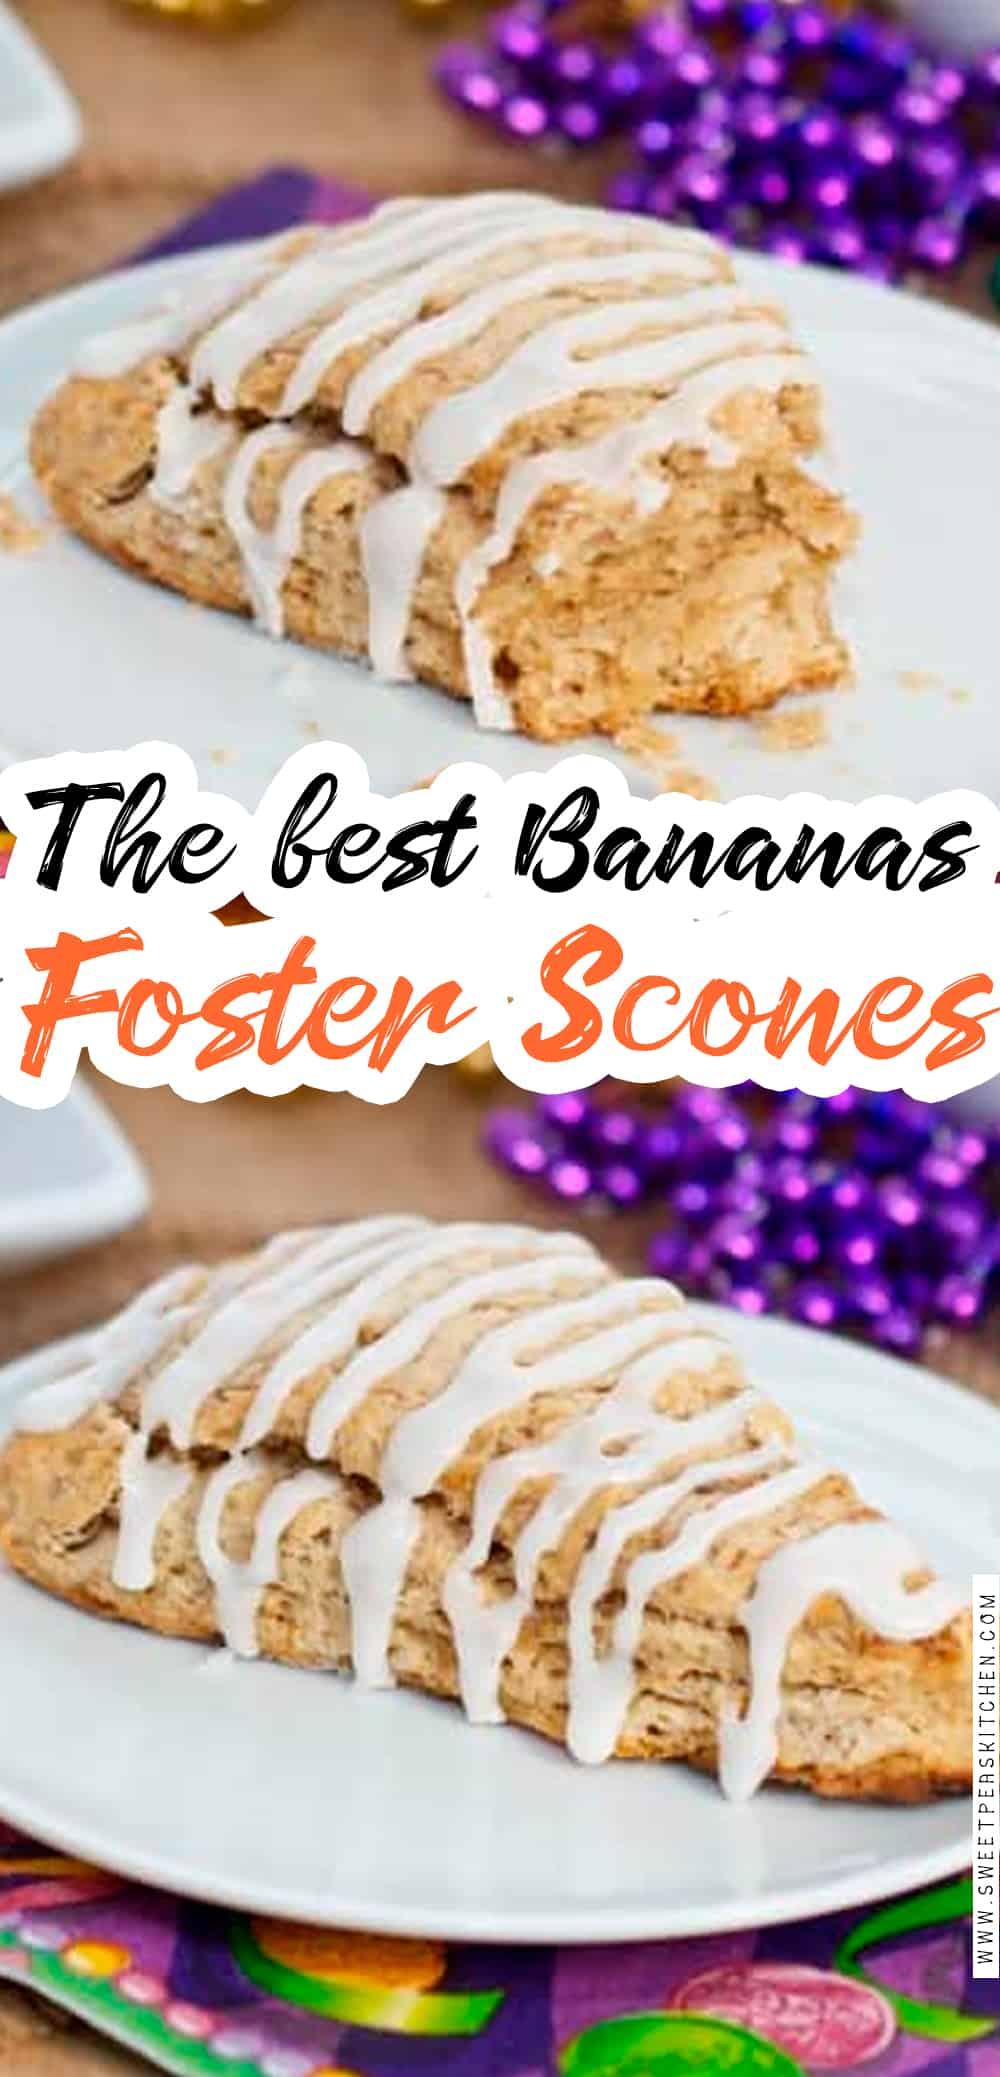 Bananas Foster Scones